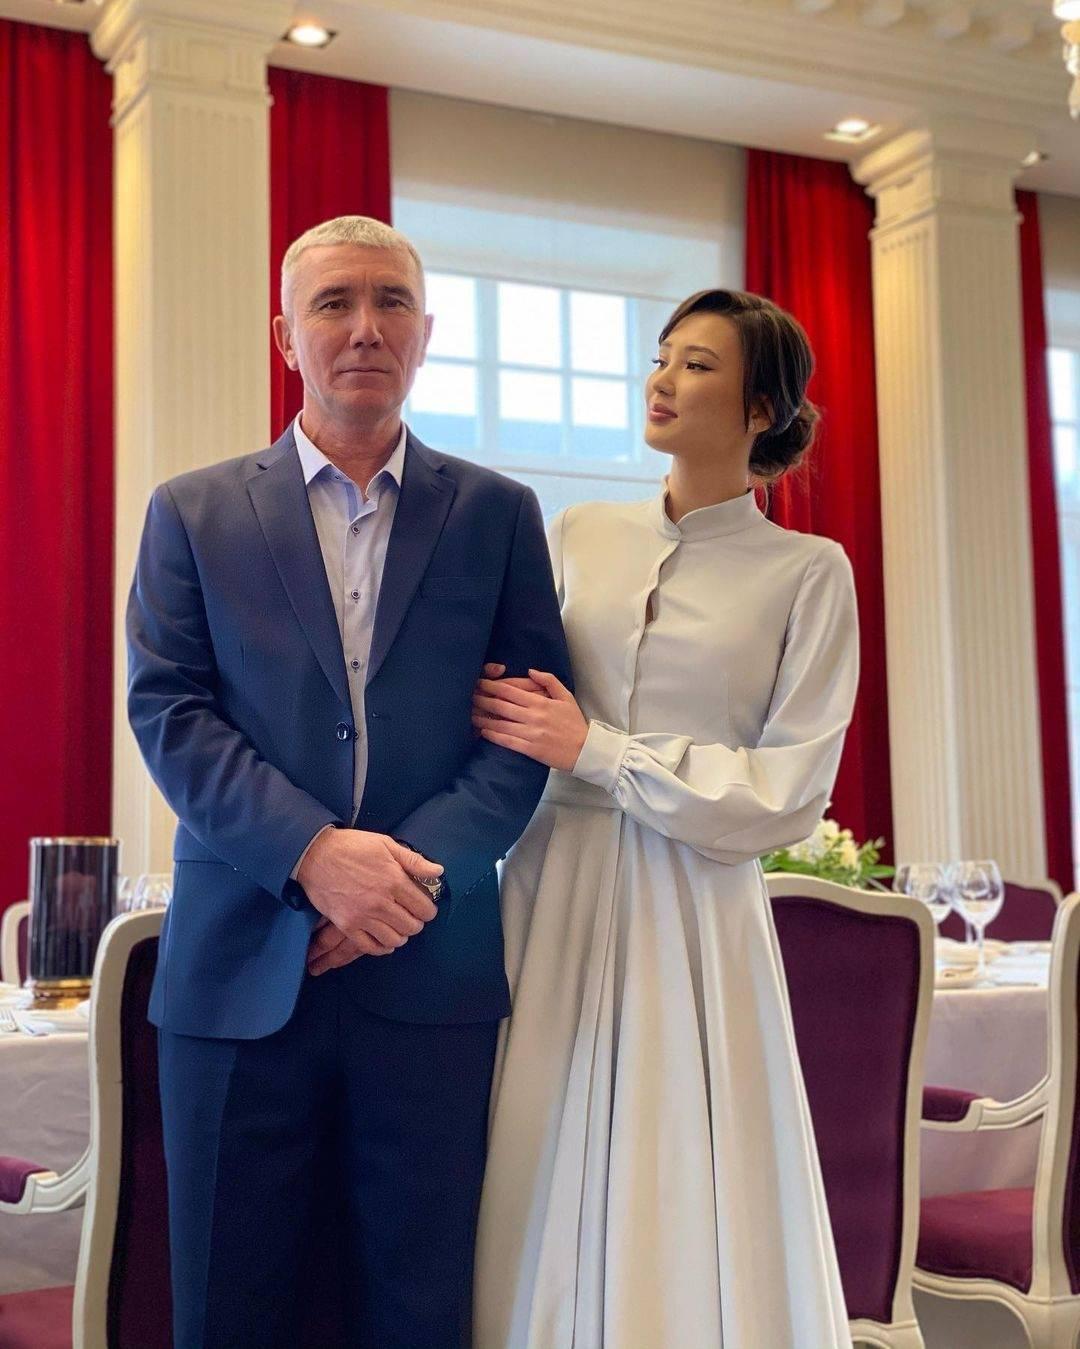 媒體報導莎賓娜的丈夫是一名電商巨頭,身高185公分,兩人外型十分登對。(翻攝自莎賓娜IG)